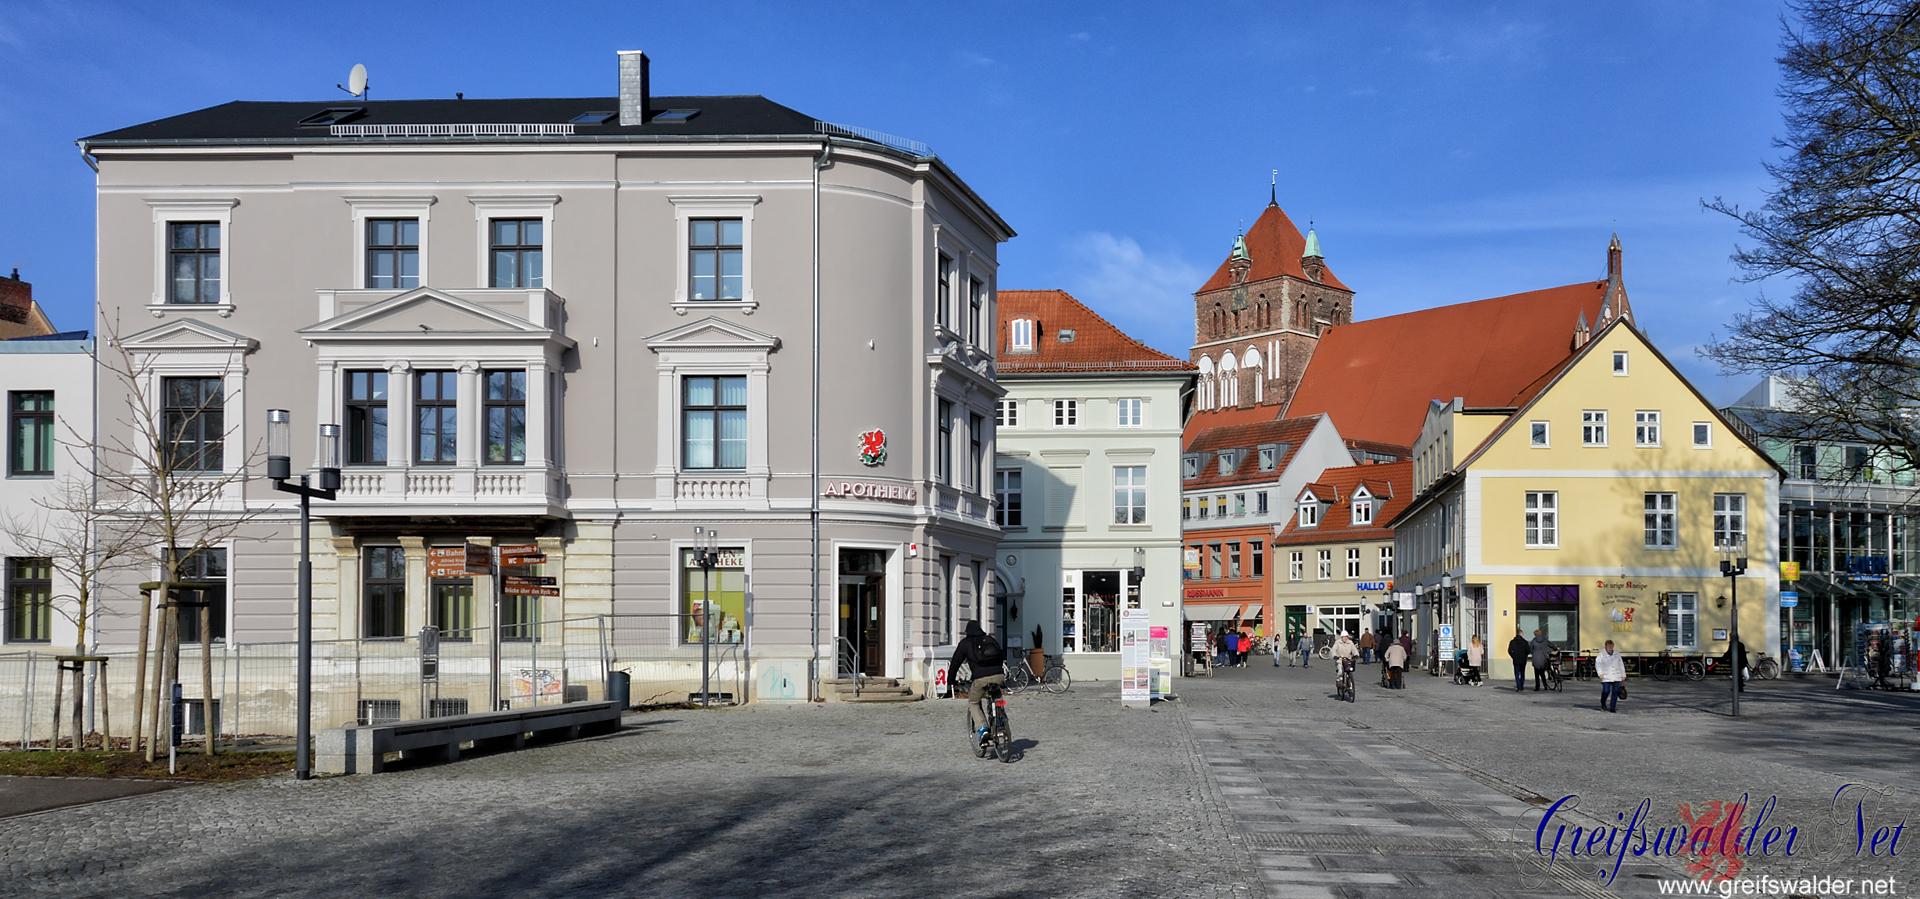 Am Mühlentor in Greifswald